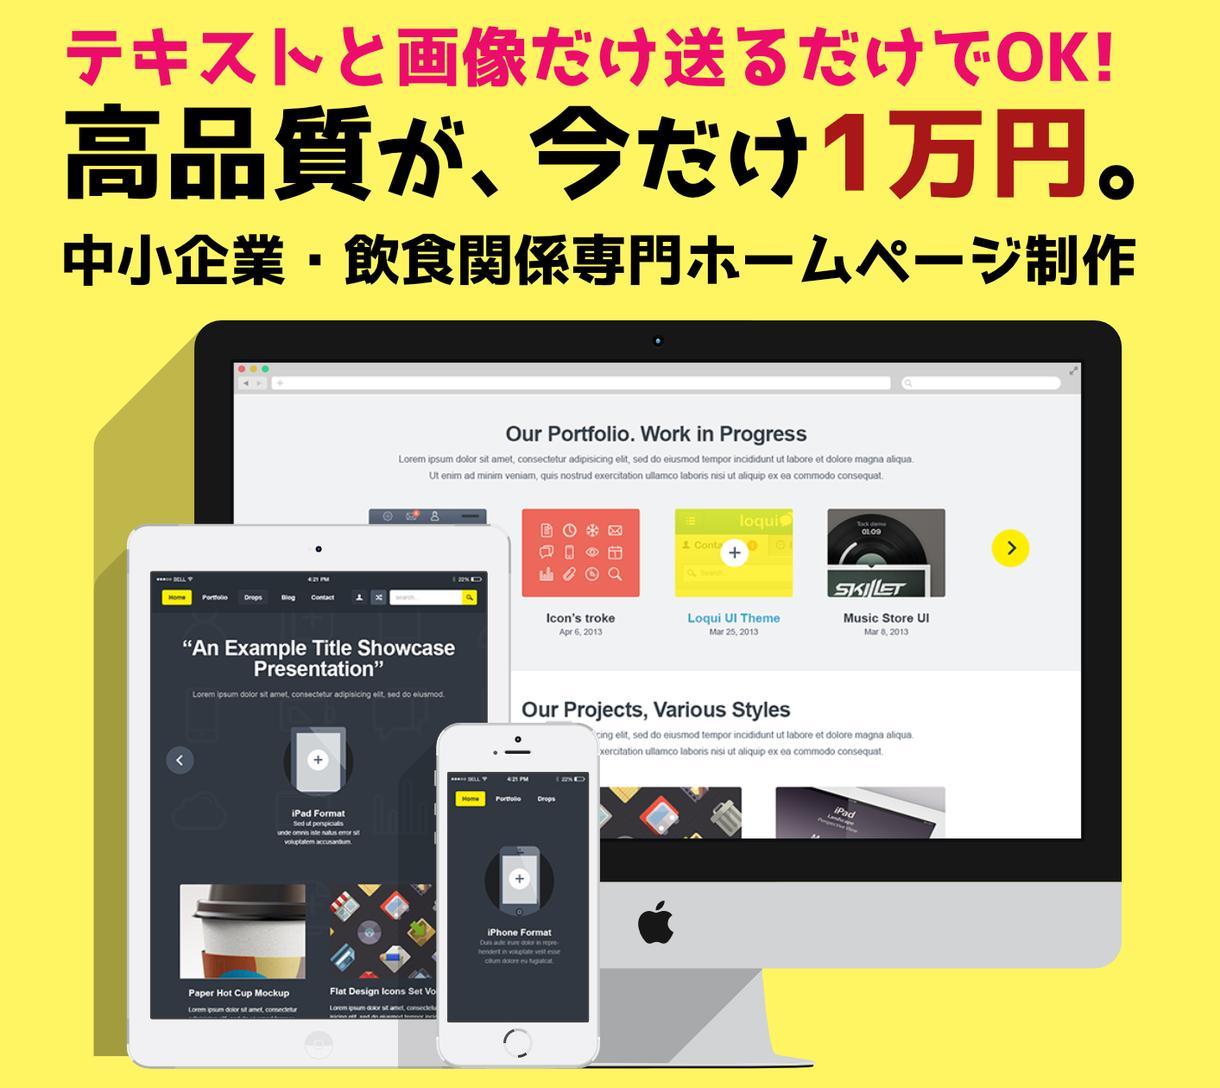 先着10組1万円!PC・スマホ最適化のハイクオリティなホームページを制作します。